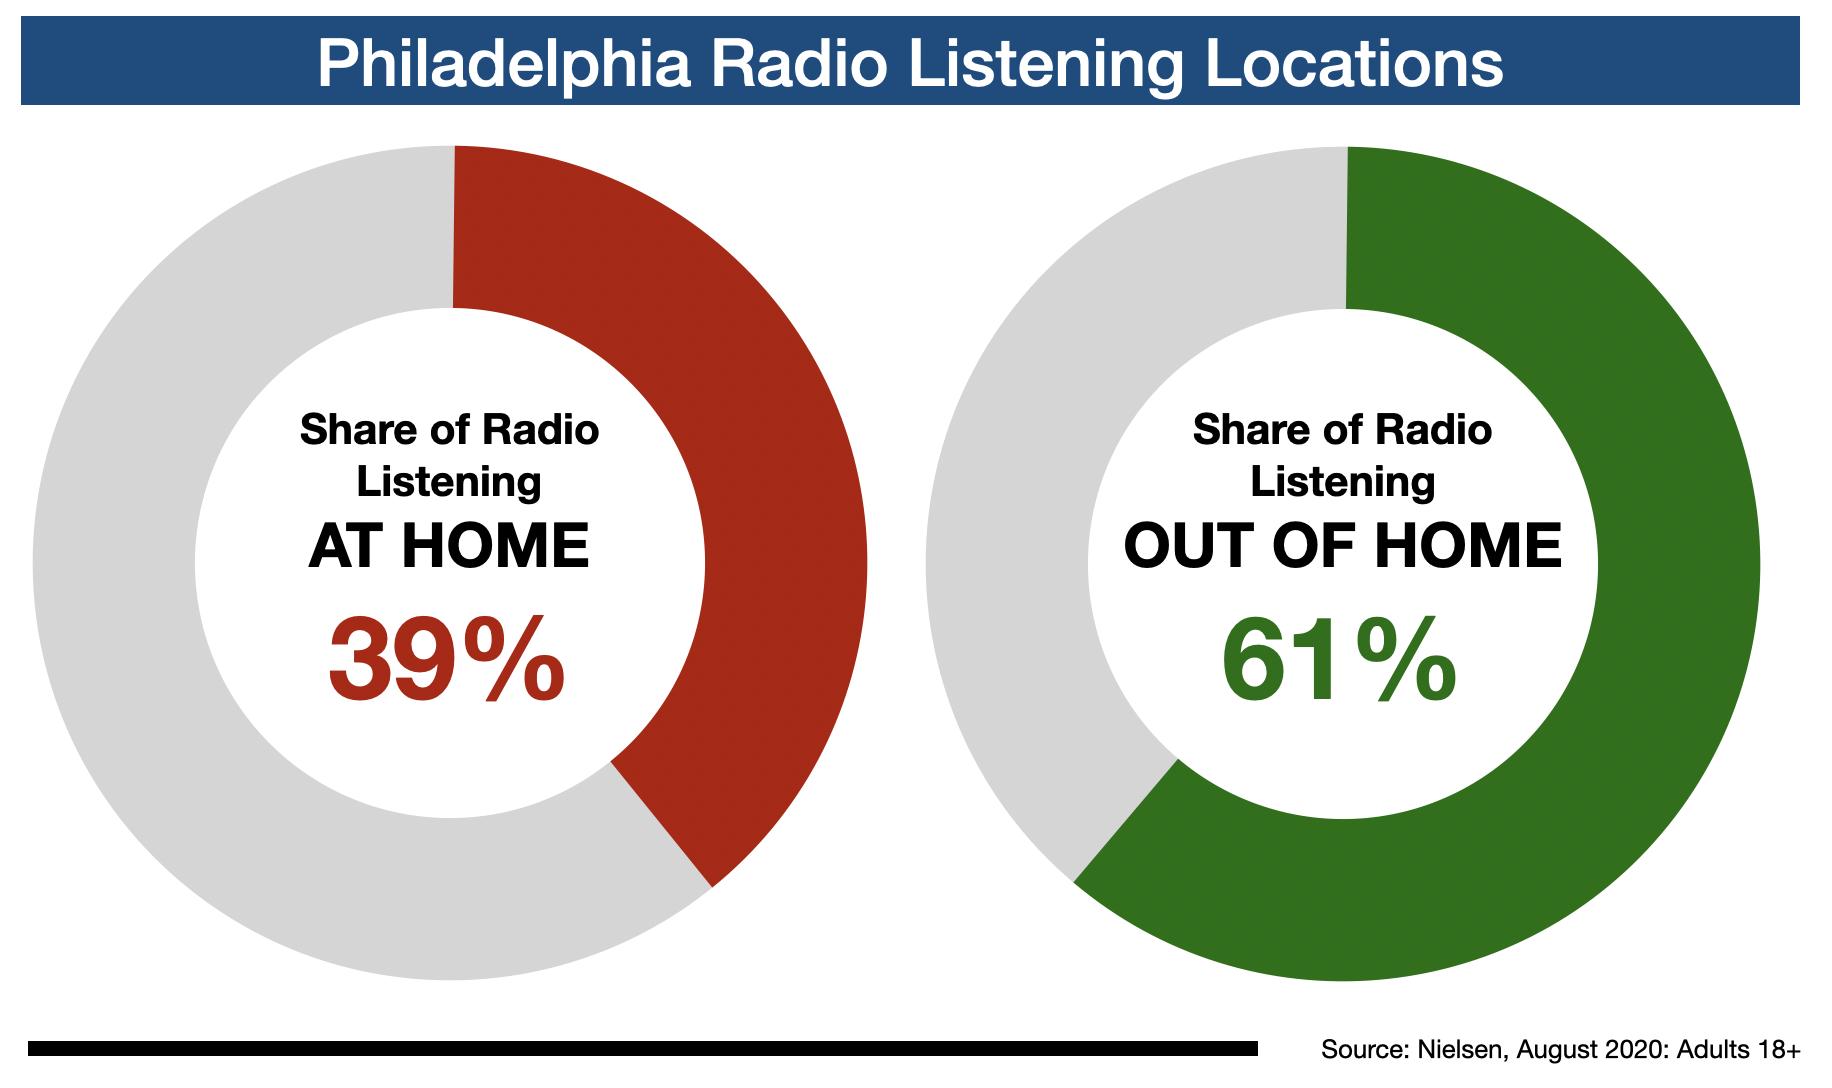 Philadelphia Radio Listeners Location